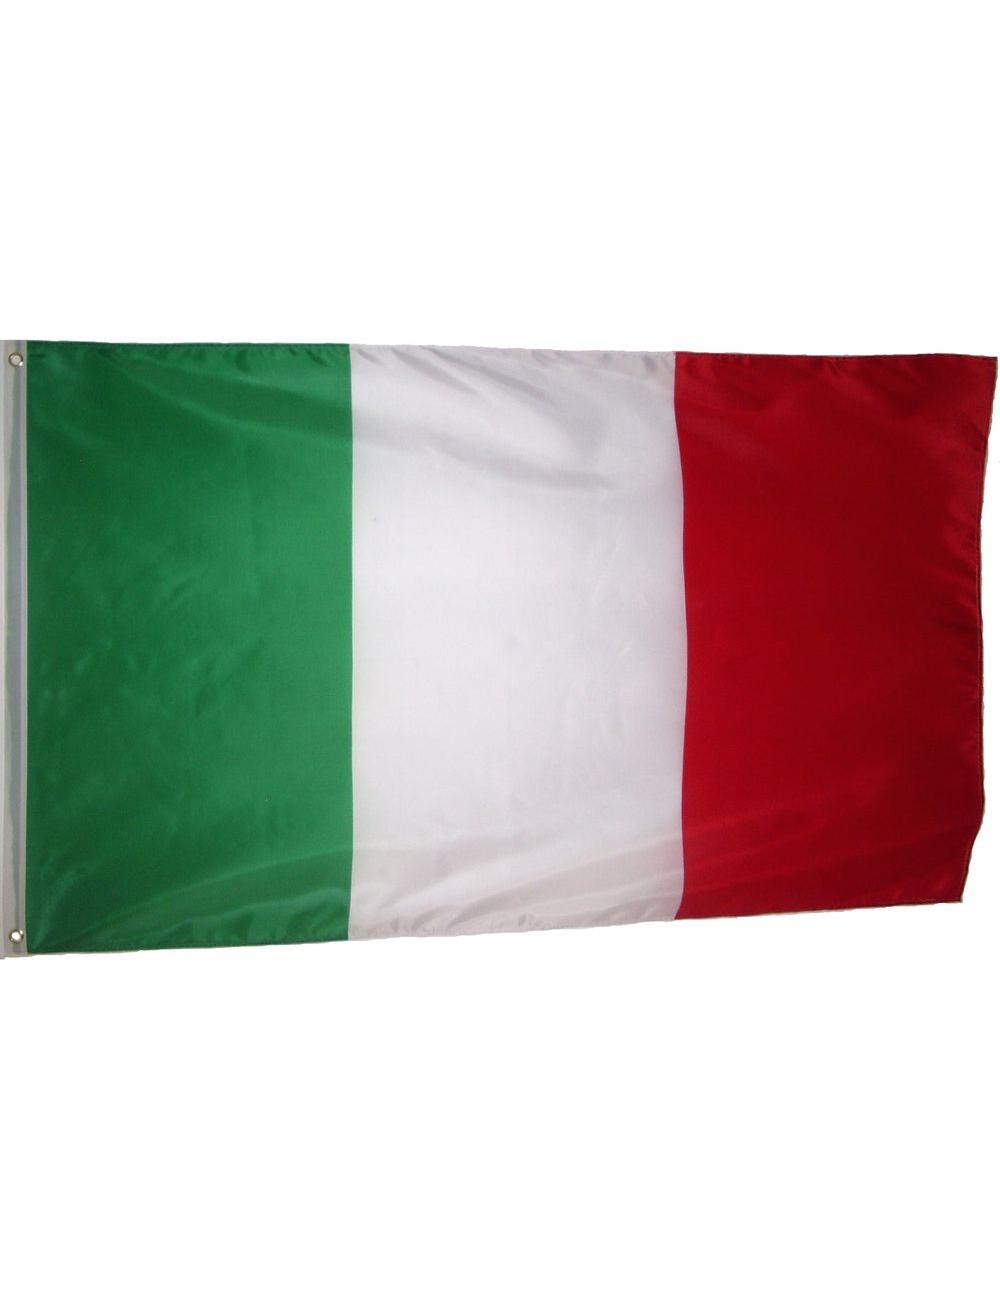 Bandeira adepto Itália 150 x 90 cm  Decoração   Animação 98f8a593d899a